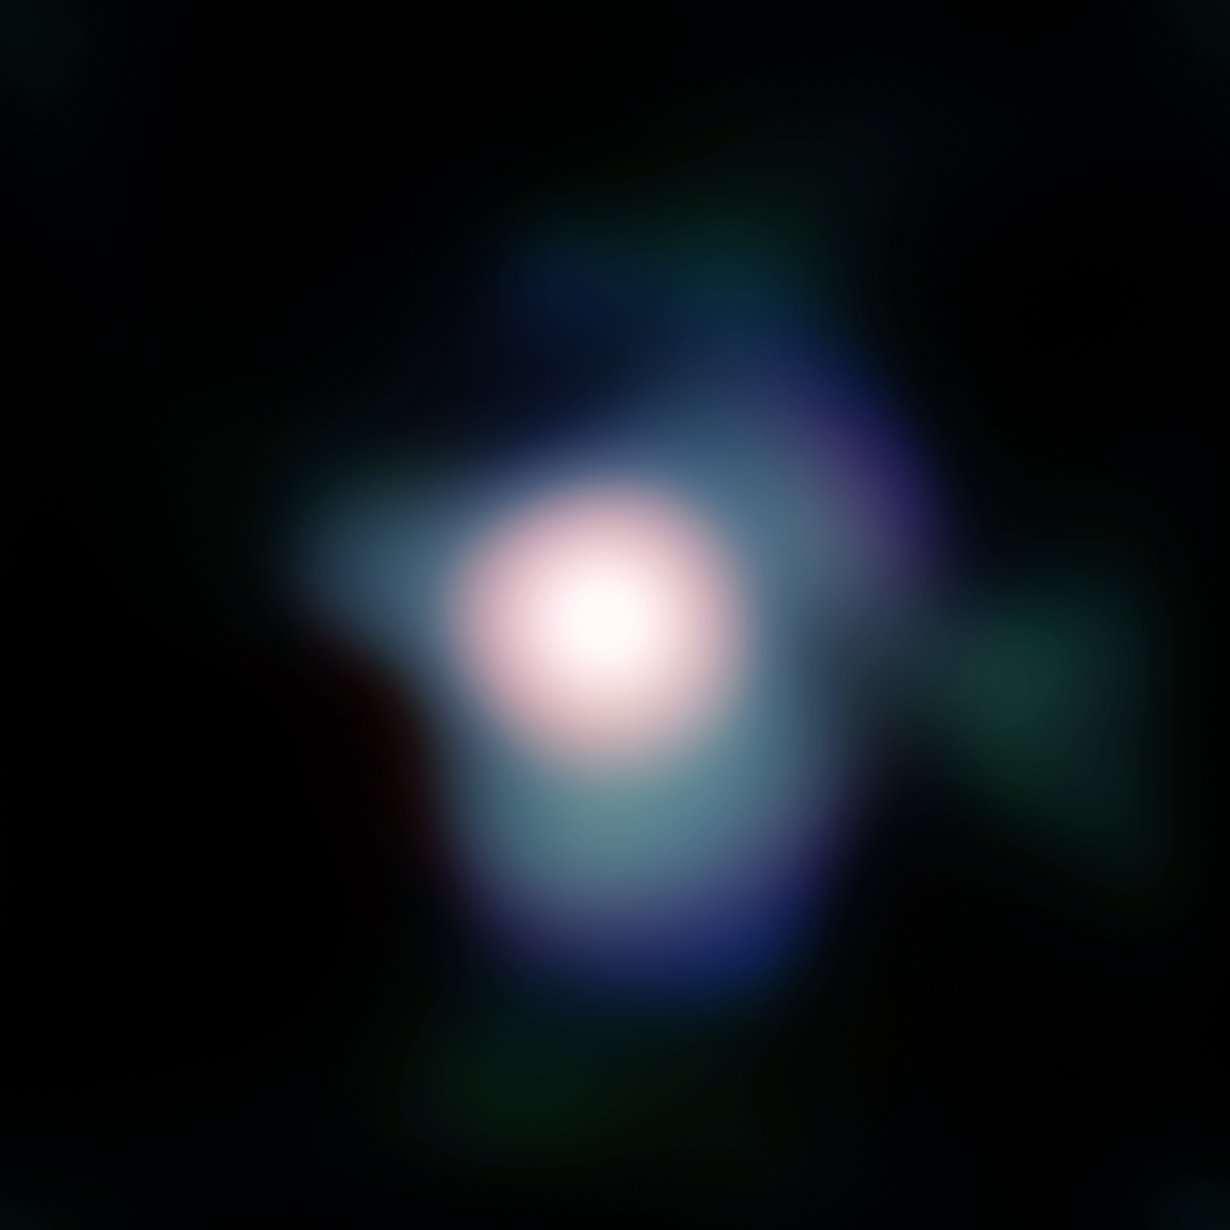 Gros plan sur Bételgeuse obtenu avec le système d'optique adaptative Naco installé sur le Very Large Telescope de l'ESO. Les images atteignent presque la limite théorique de précision du VLT dont le diamètre est de 8 m. Crédit : ESO / P. Kervella / Lesia, Observatoire de Paris